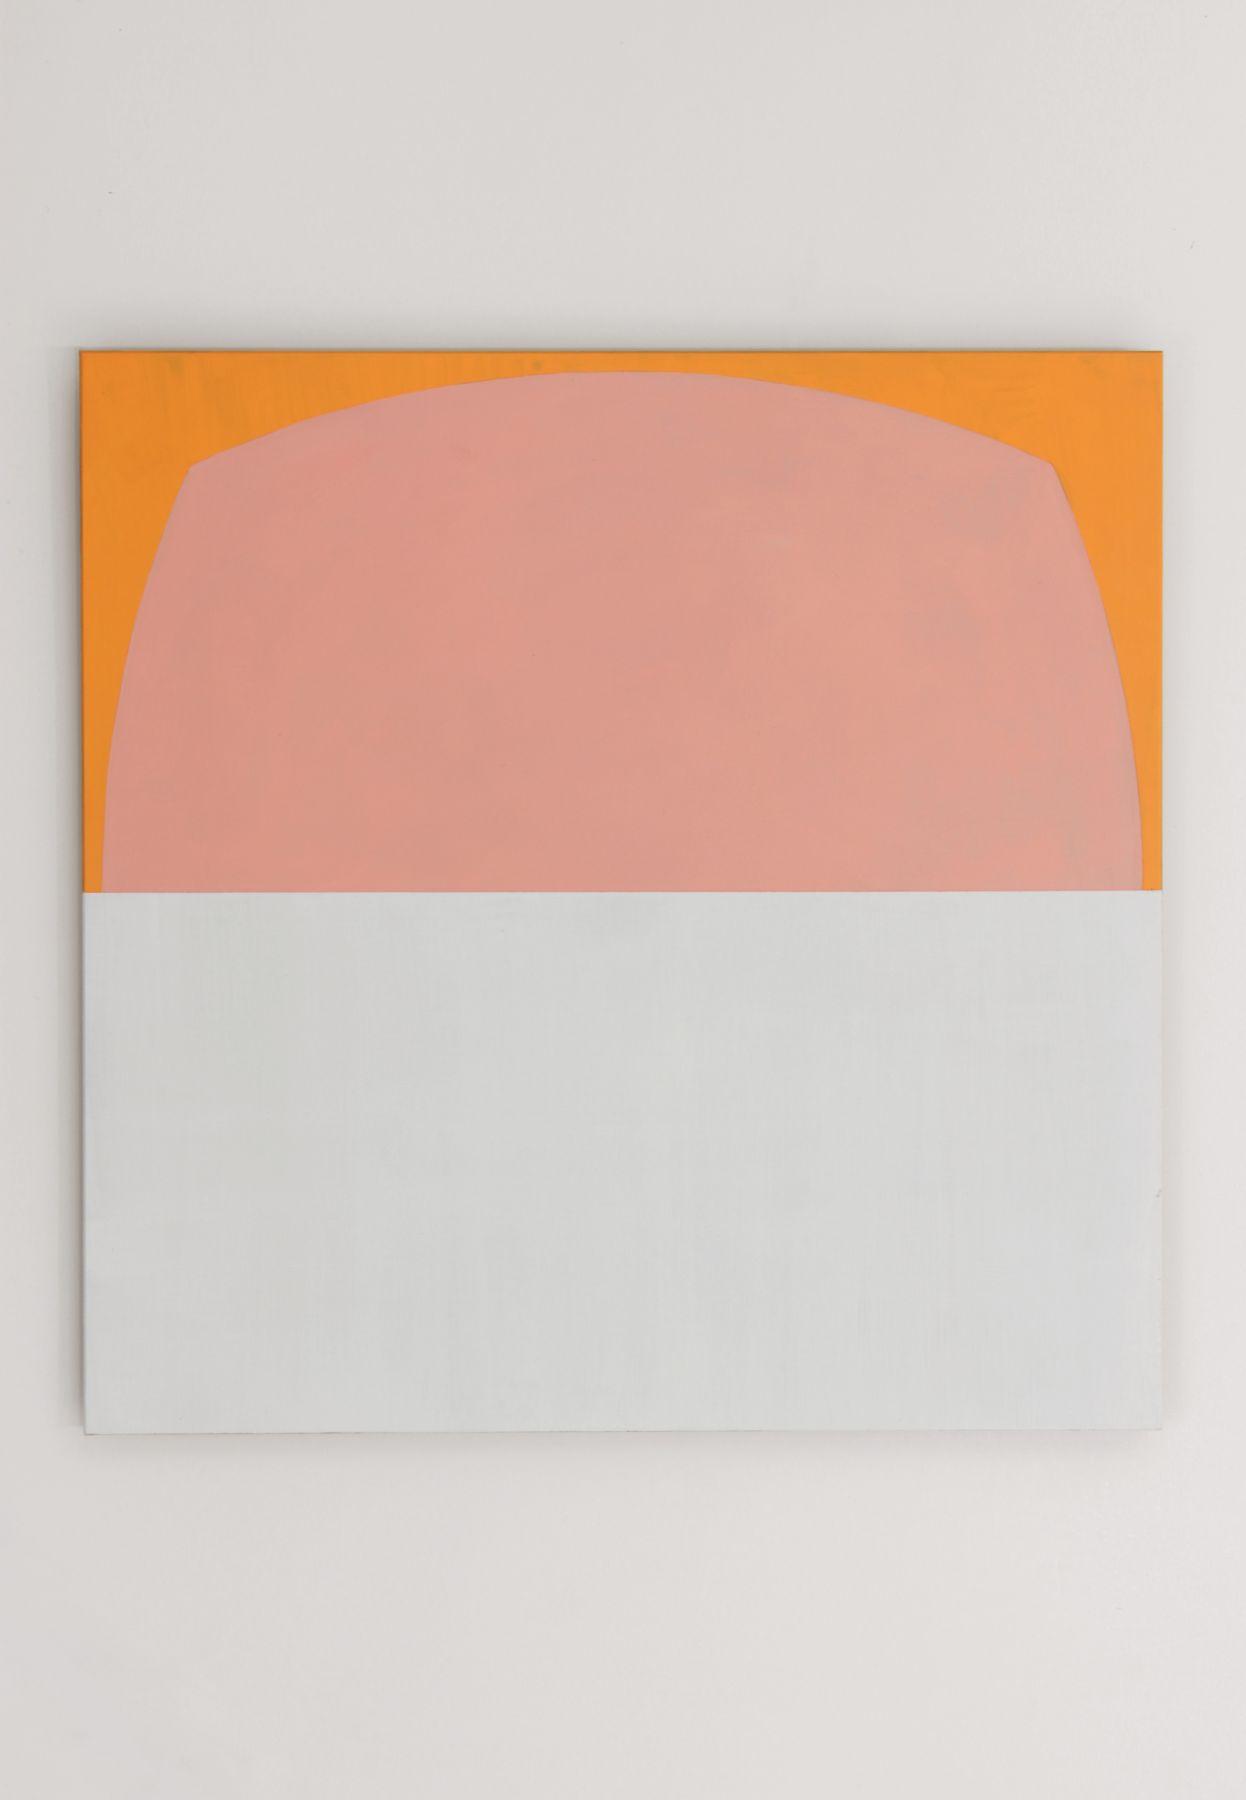 Beto De Volder Untitled, 2018